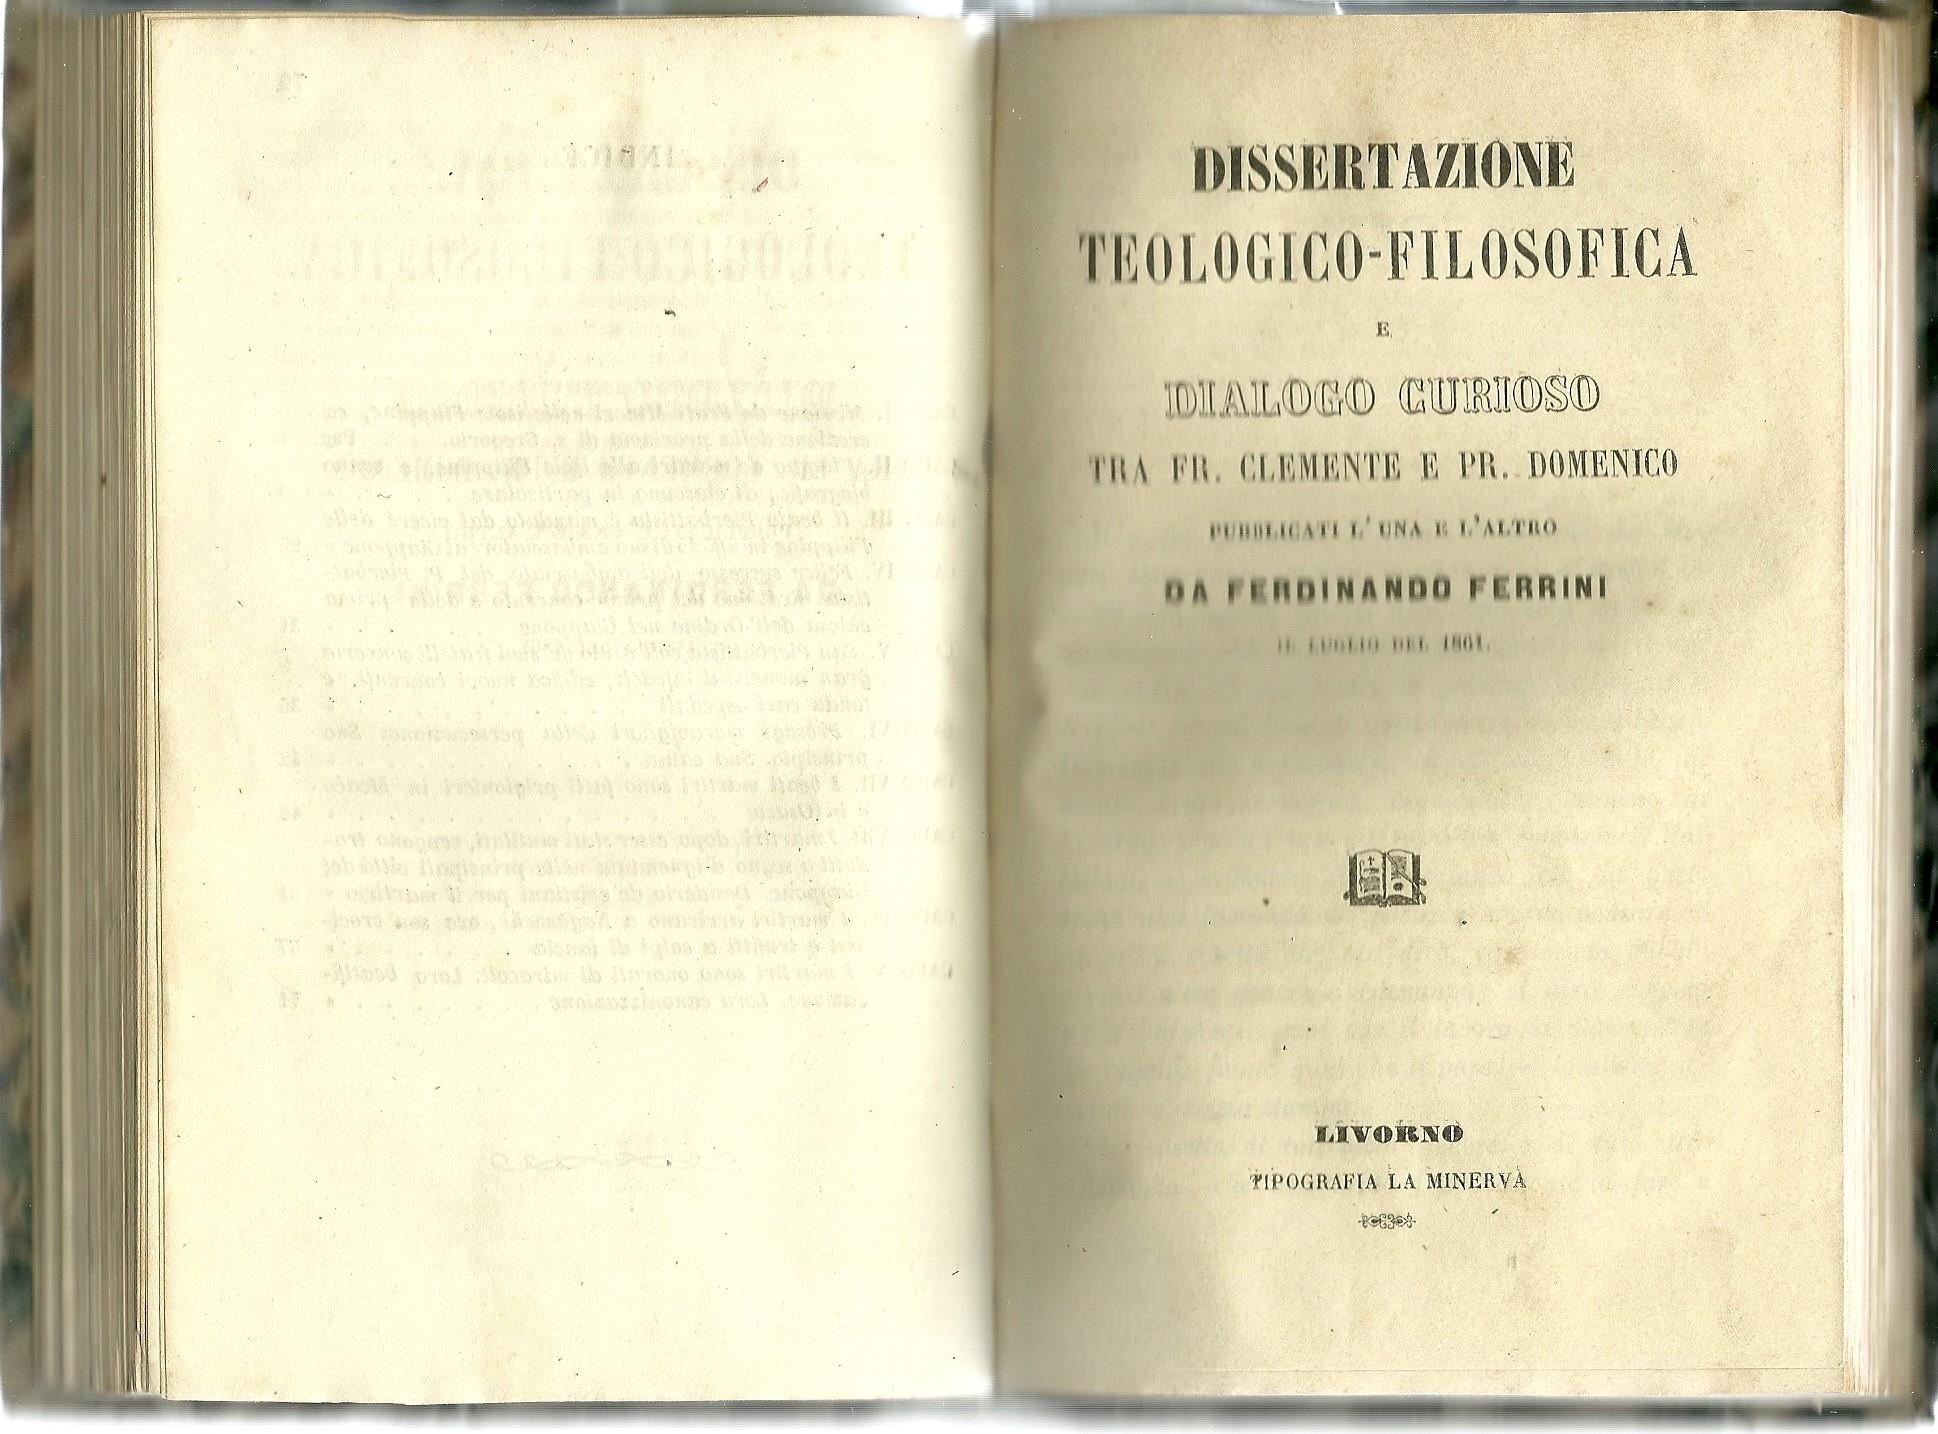 Dissertazione teologico-filosofica e dialogo curioso tra Fr. Clemente e Pr. Domenico